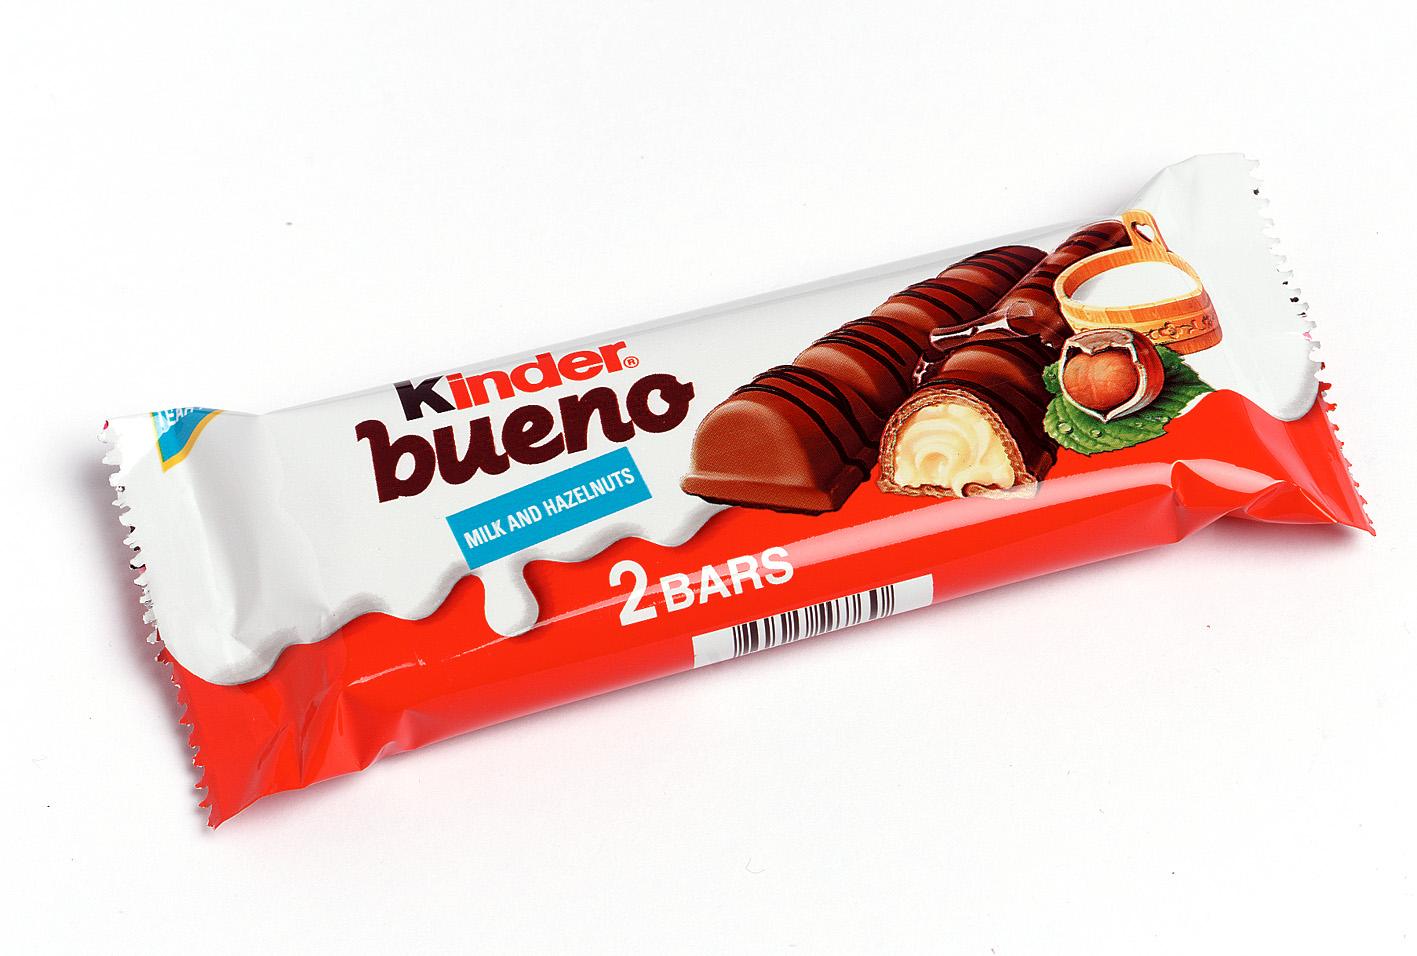 bland selv slik chokolade